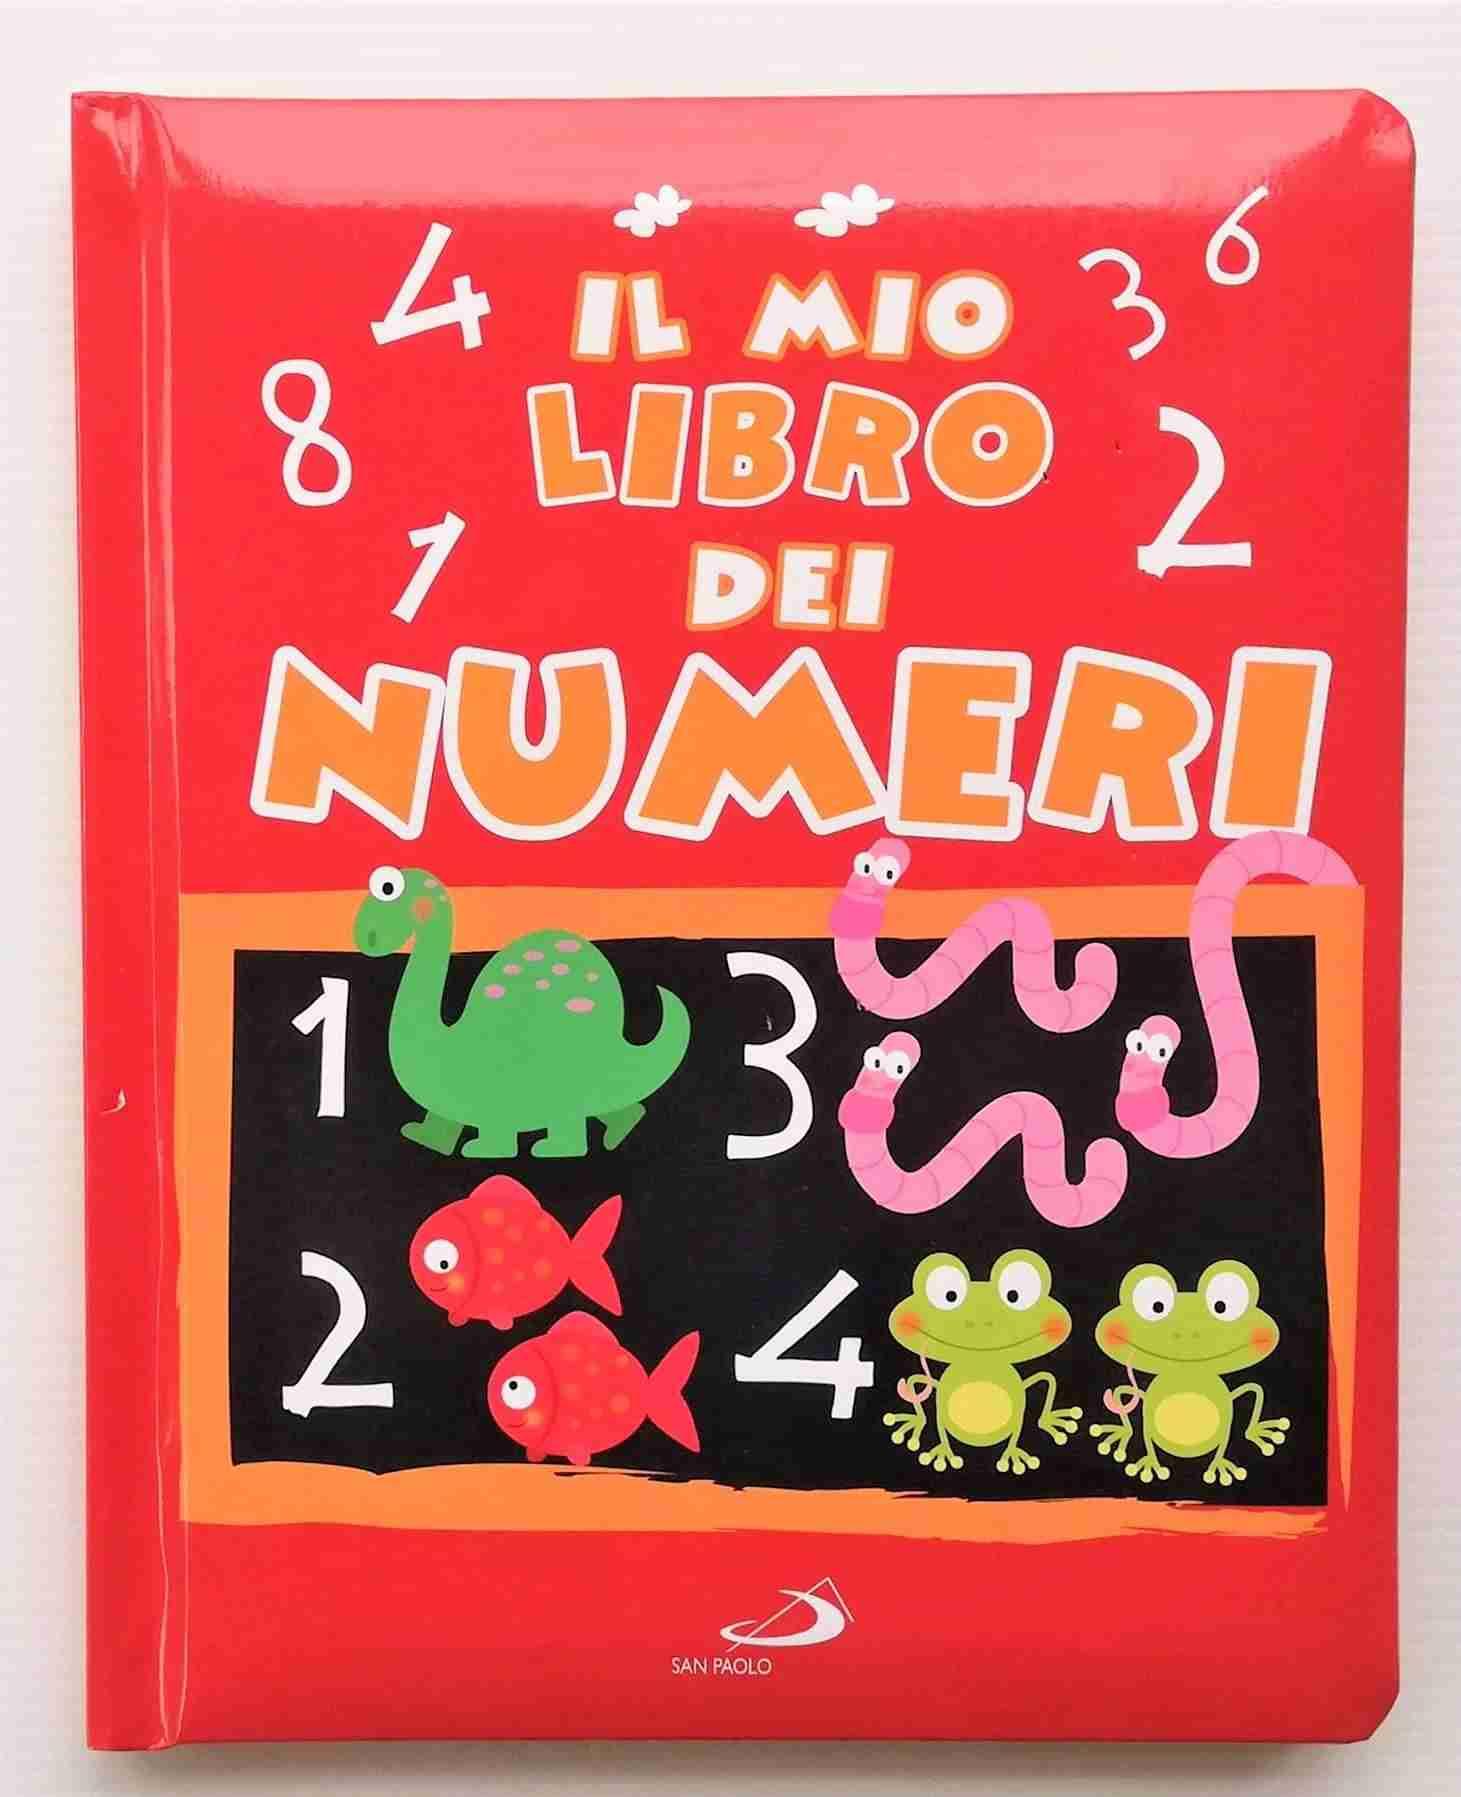 IL MIO LIBRO DEI NUMERI di Daria Lavinia Rosi, SAN PAOLO EDIZIONI